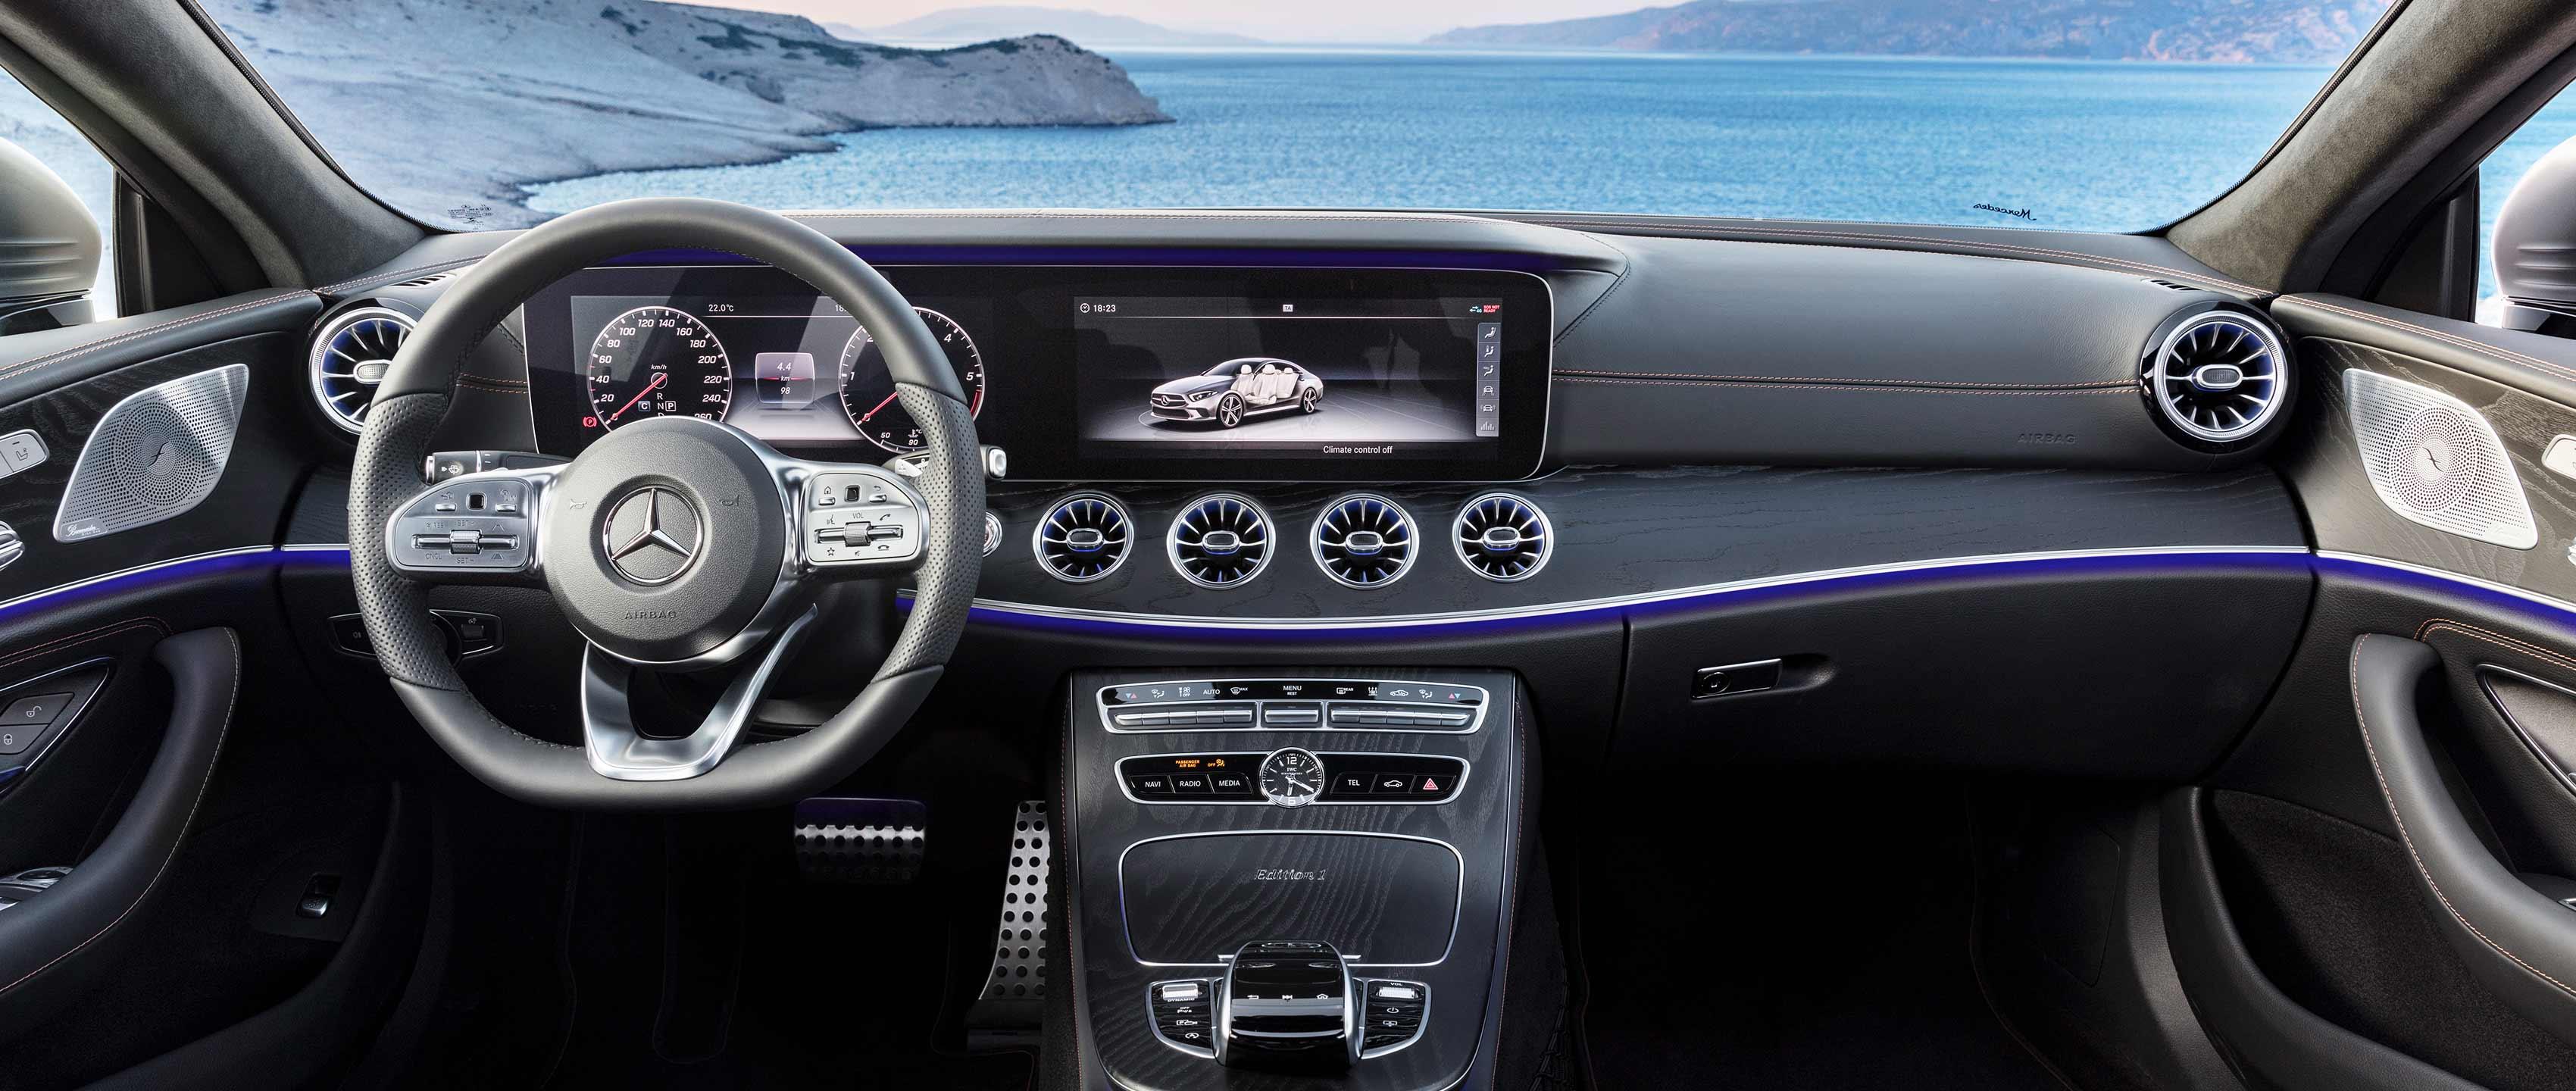 Новый Mercedes-Benz CLS 2018: безупречный стиль